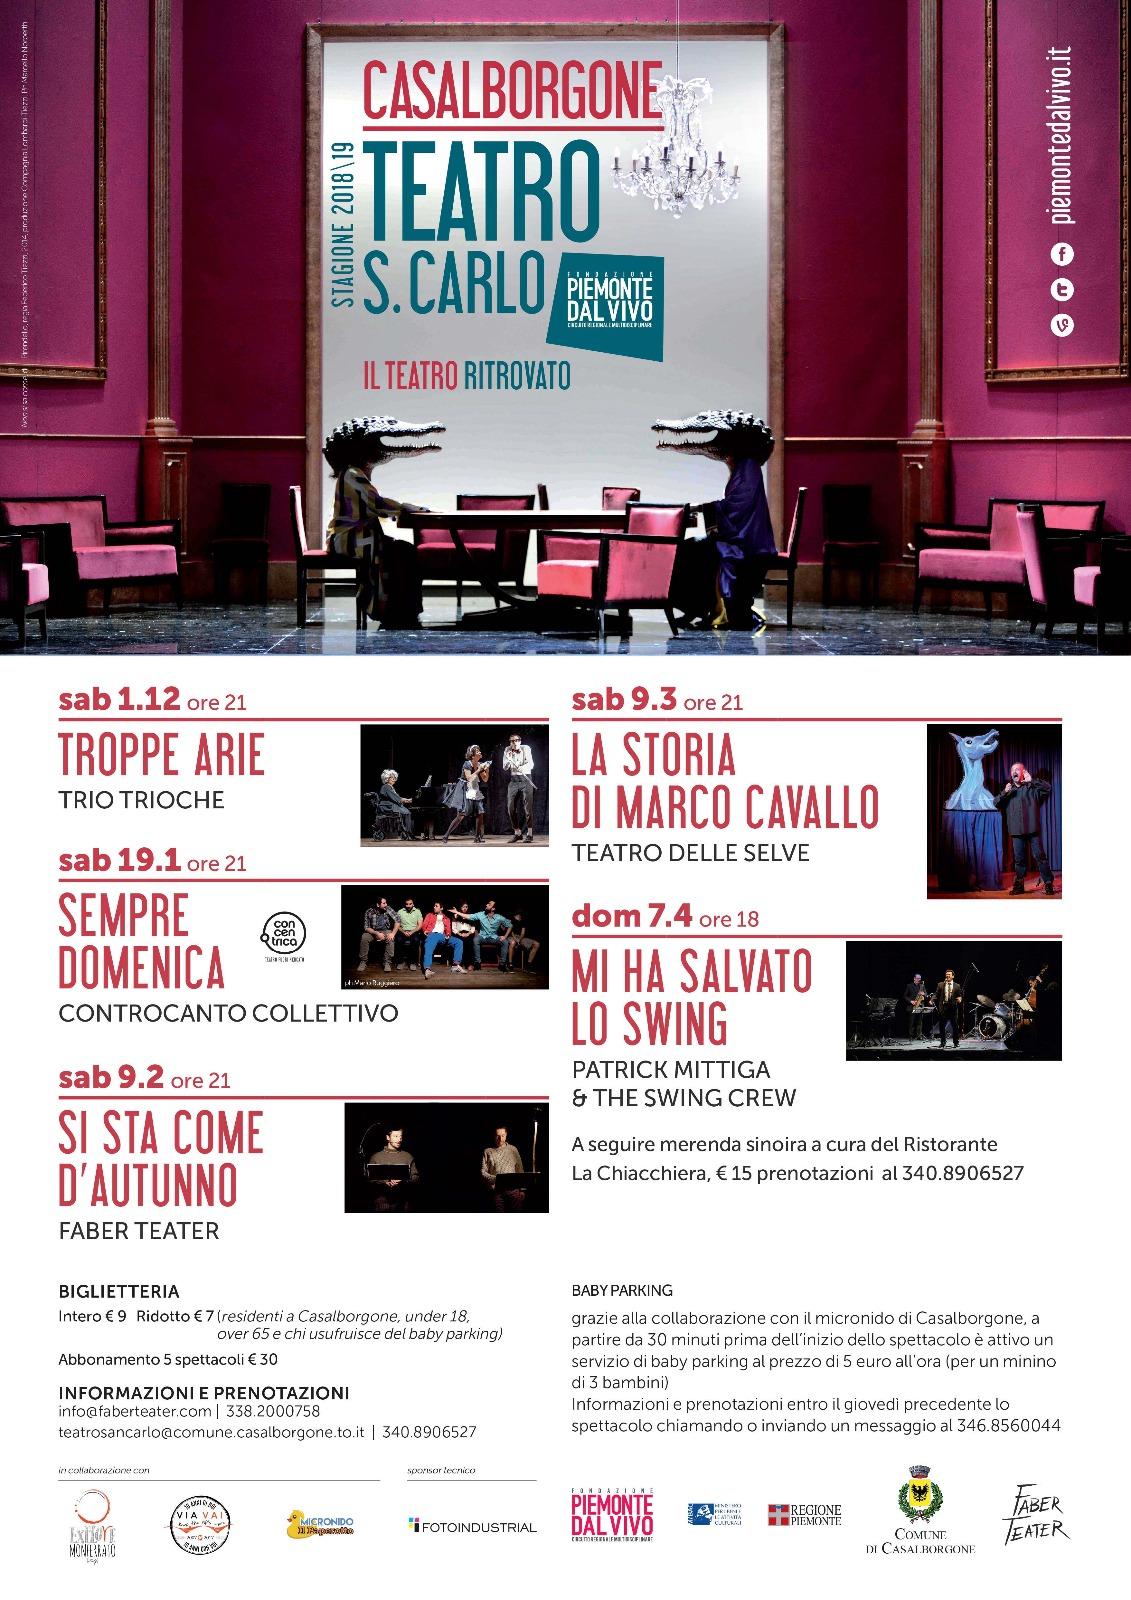 Casalborgone_teatro